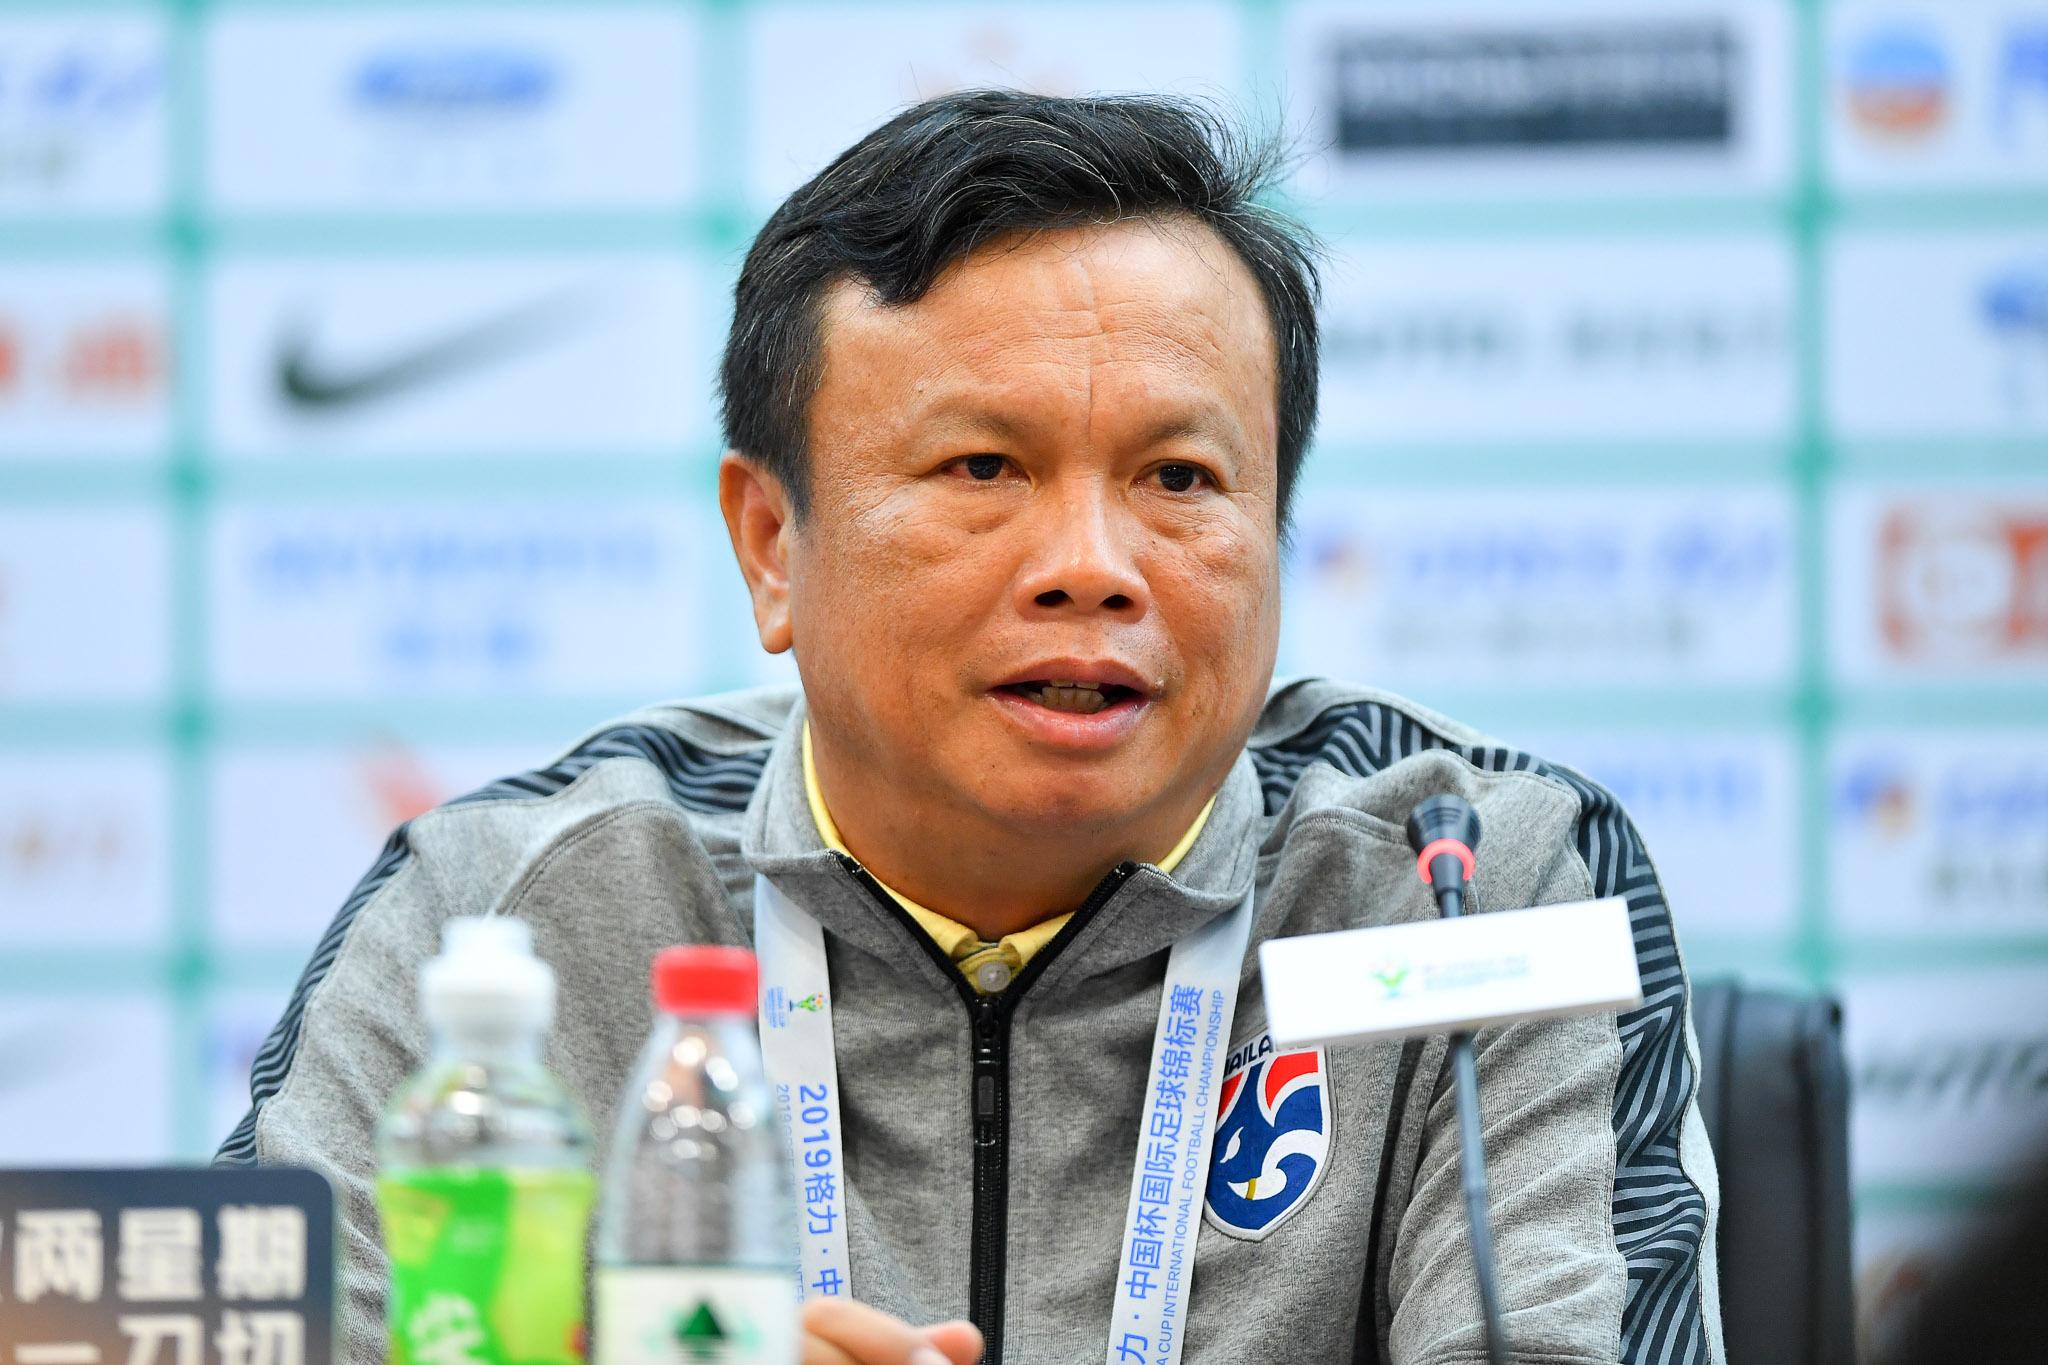 ทีมชาติจีน ศิริศักดิ์ ยอดญาติไทย สุพรรณ ทองสงค์ ไชน่า คัพ 2019